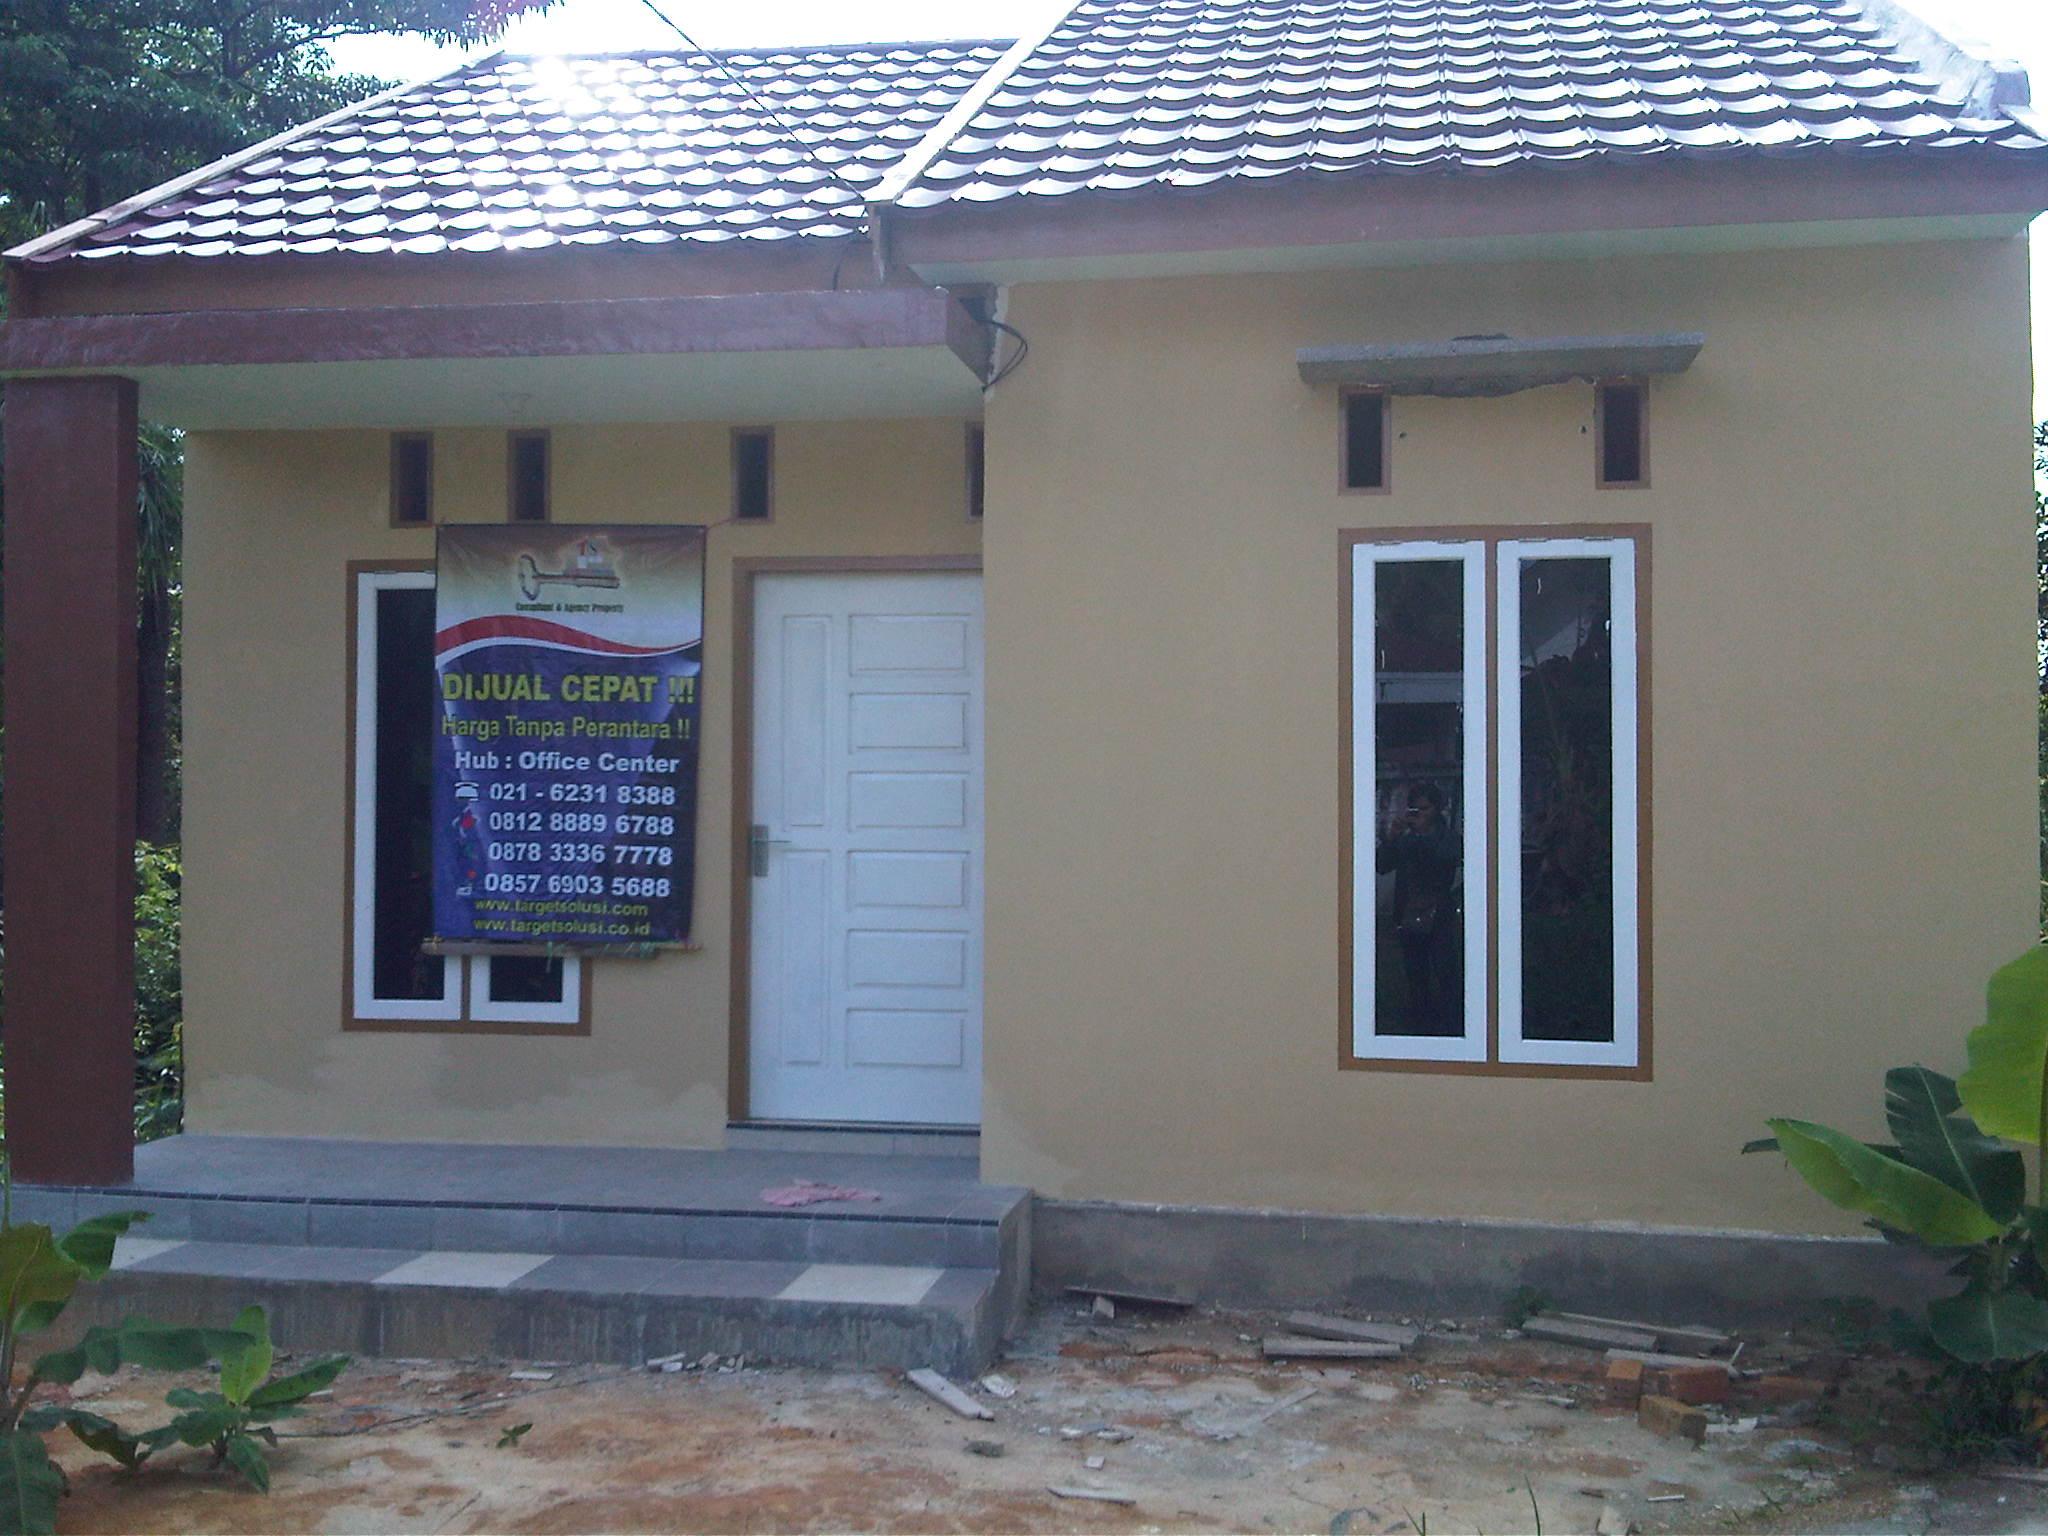 Jl. Tp. Sriwijaya, Lrg. Smp 16 – Jambi